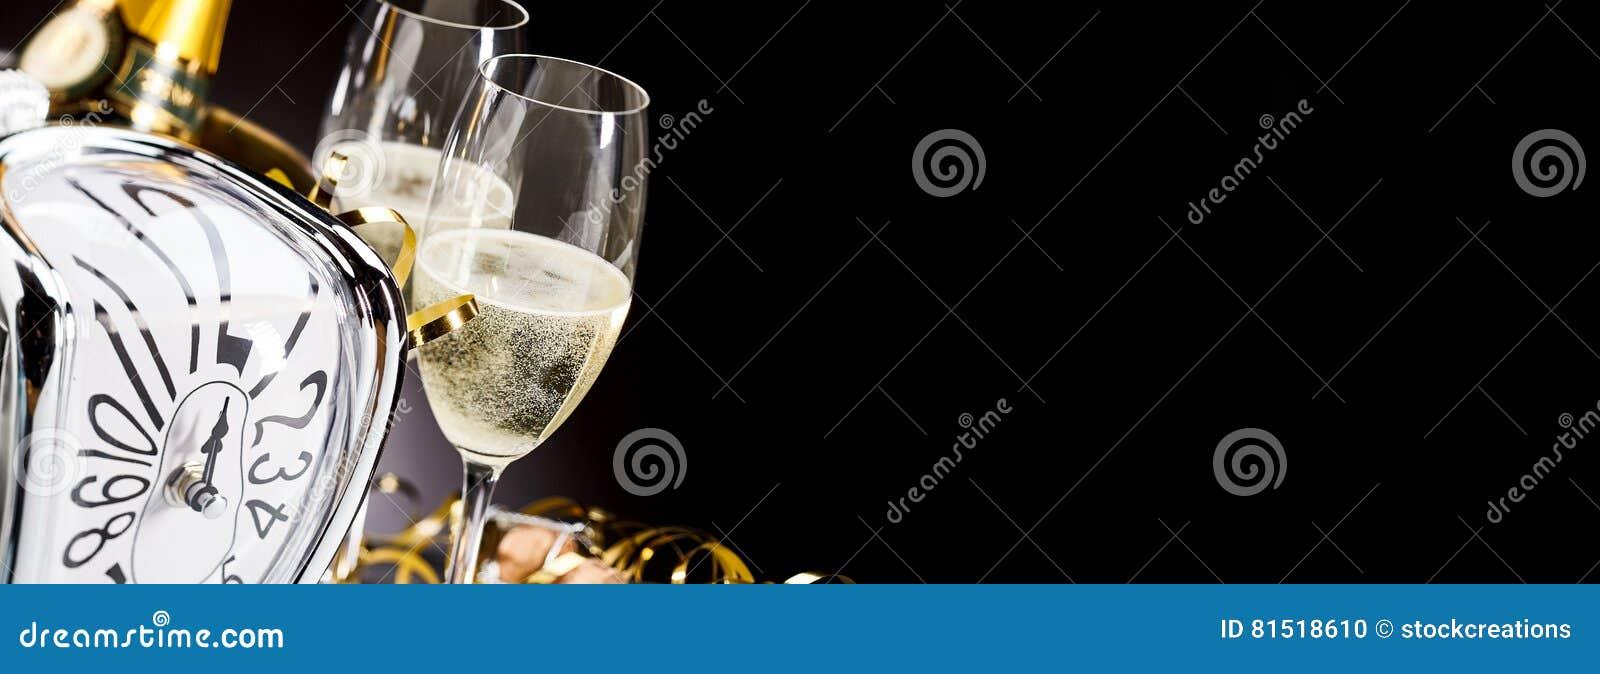 全景横幅用新年香槟